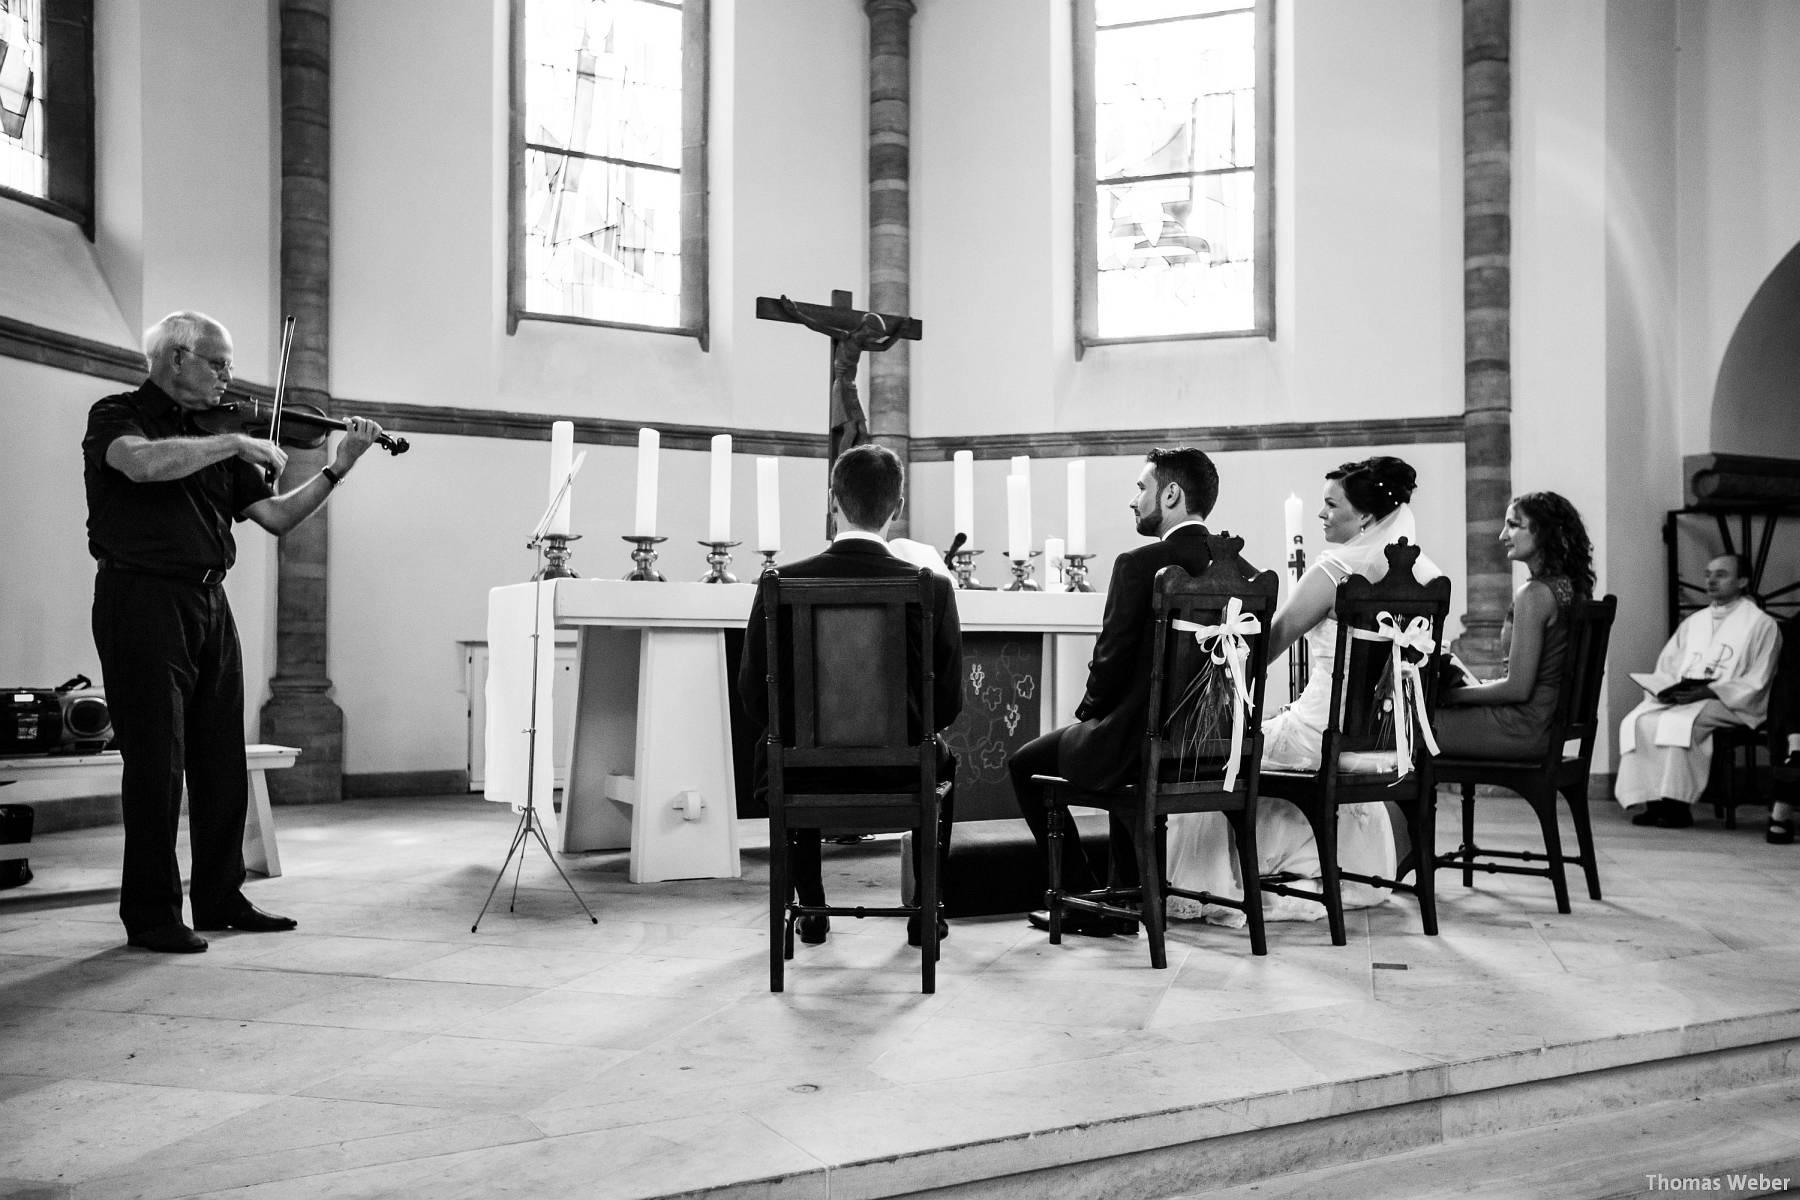 Hochzeitsfotograf Oldenburg: Kirchliche Trauung in der Garnisonkirche Oldenburg und Feier im Landhaus Etzhorn Oldenburg (24)